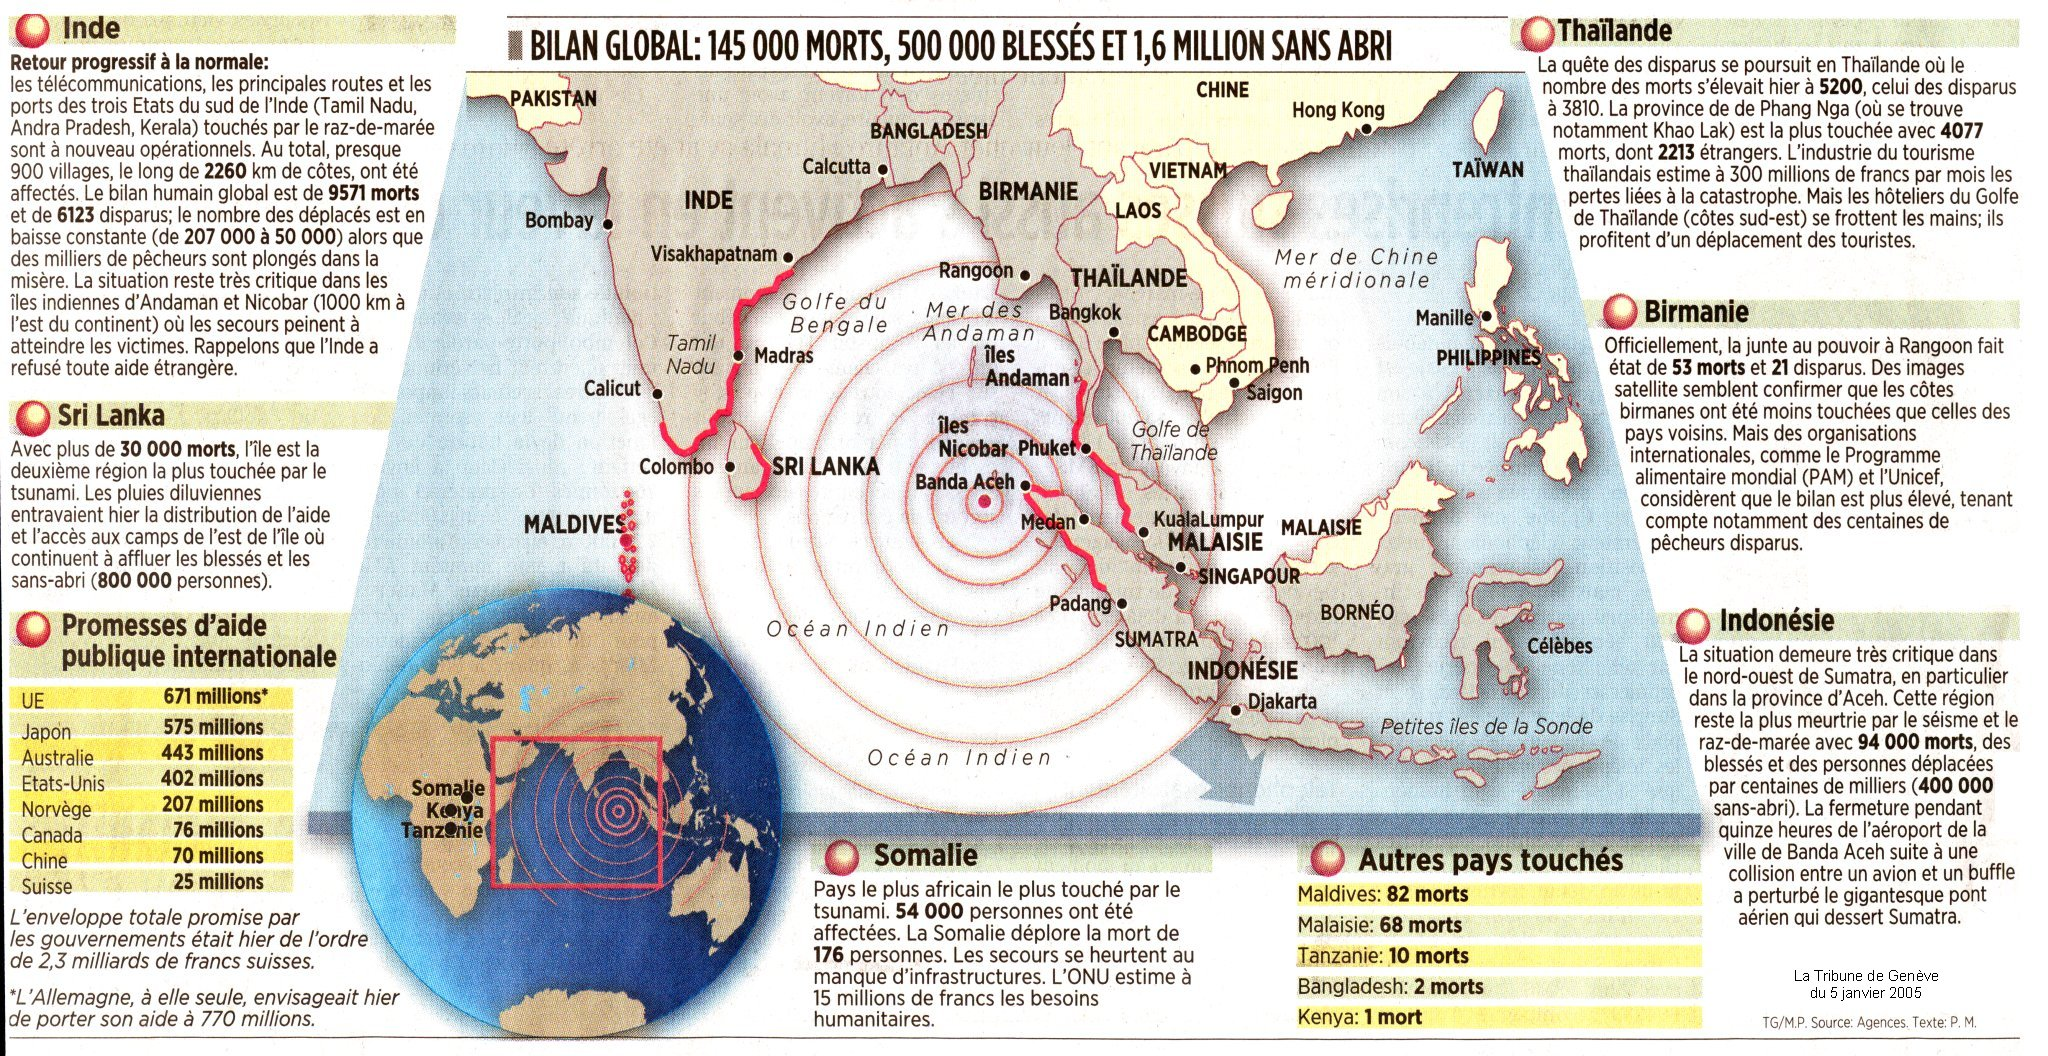 Articles de journaux sur les tsunamis en Asie